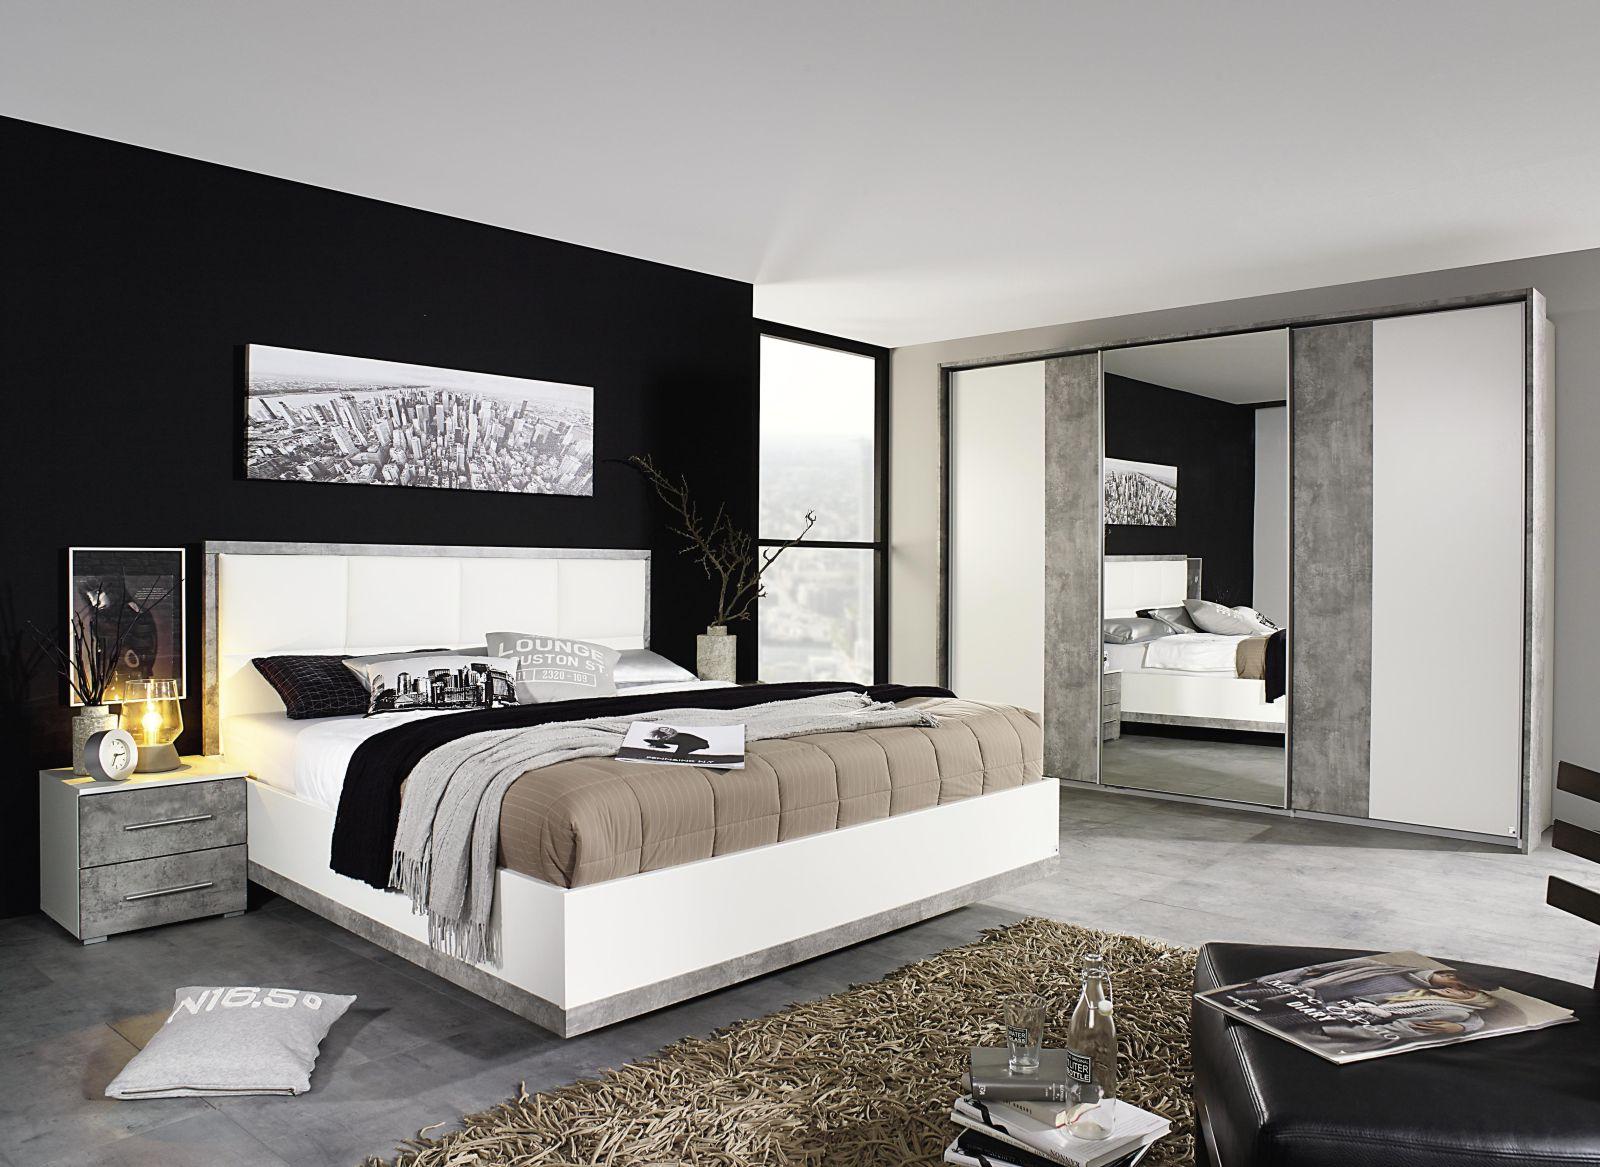 schlafzimmer siegen komplettzimmer schlafzimmer. Black Bedroom Furniture Sets. Home Design Ideas